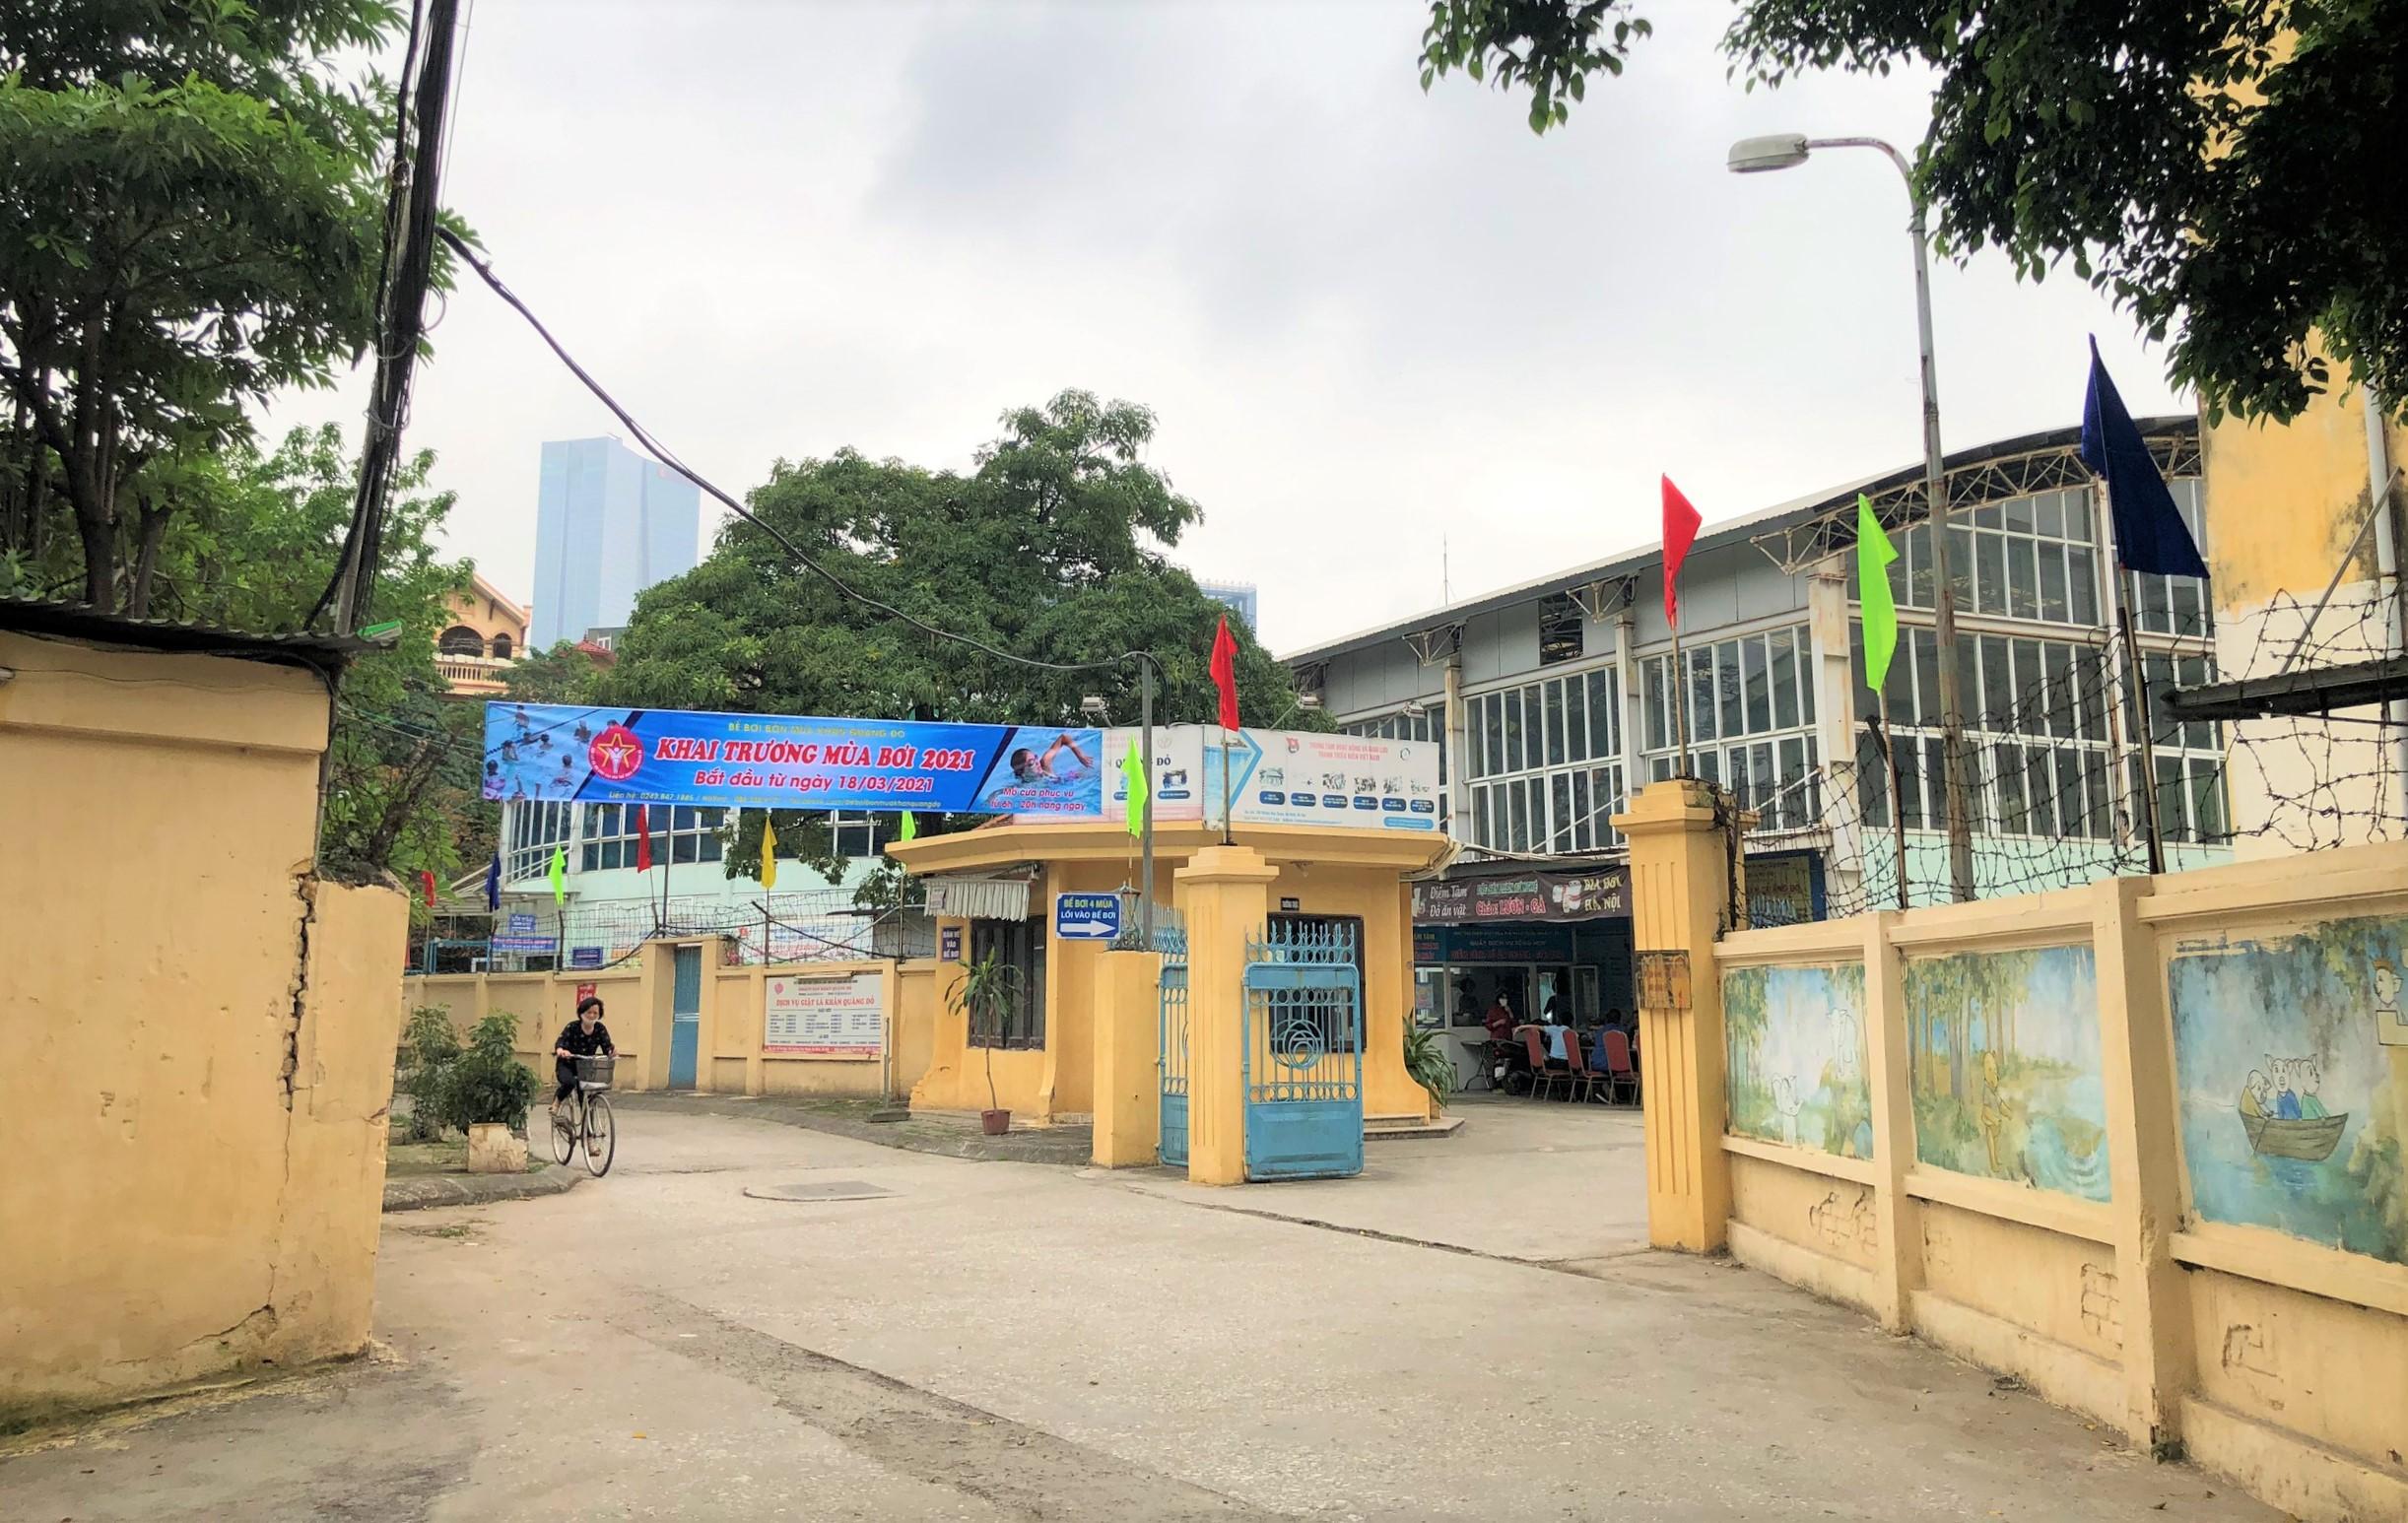 Đường sắp mở theo quy hoạch ở phường Liễu Giai, Ba Đình, Hà Nội (phần 2): Đường nối Đội Cấn - Hoàng Hoa Thám  - Ảnh 10.